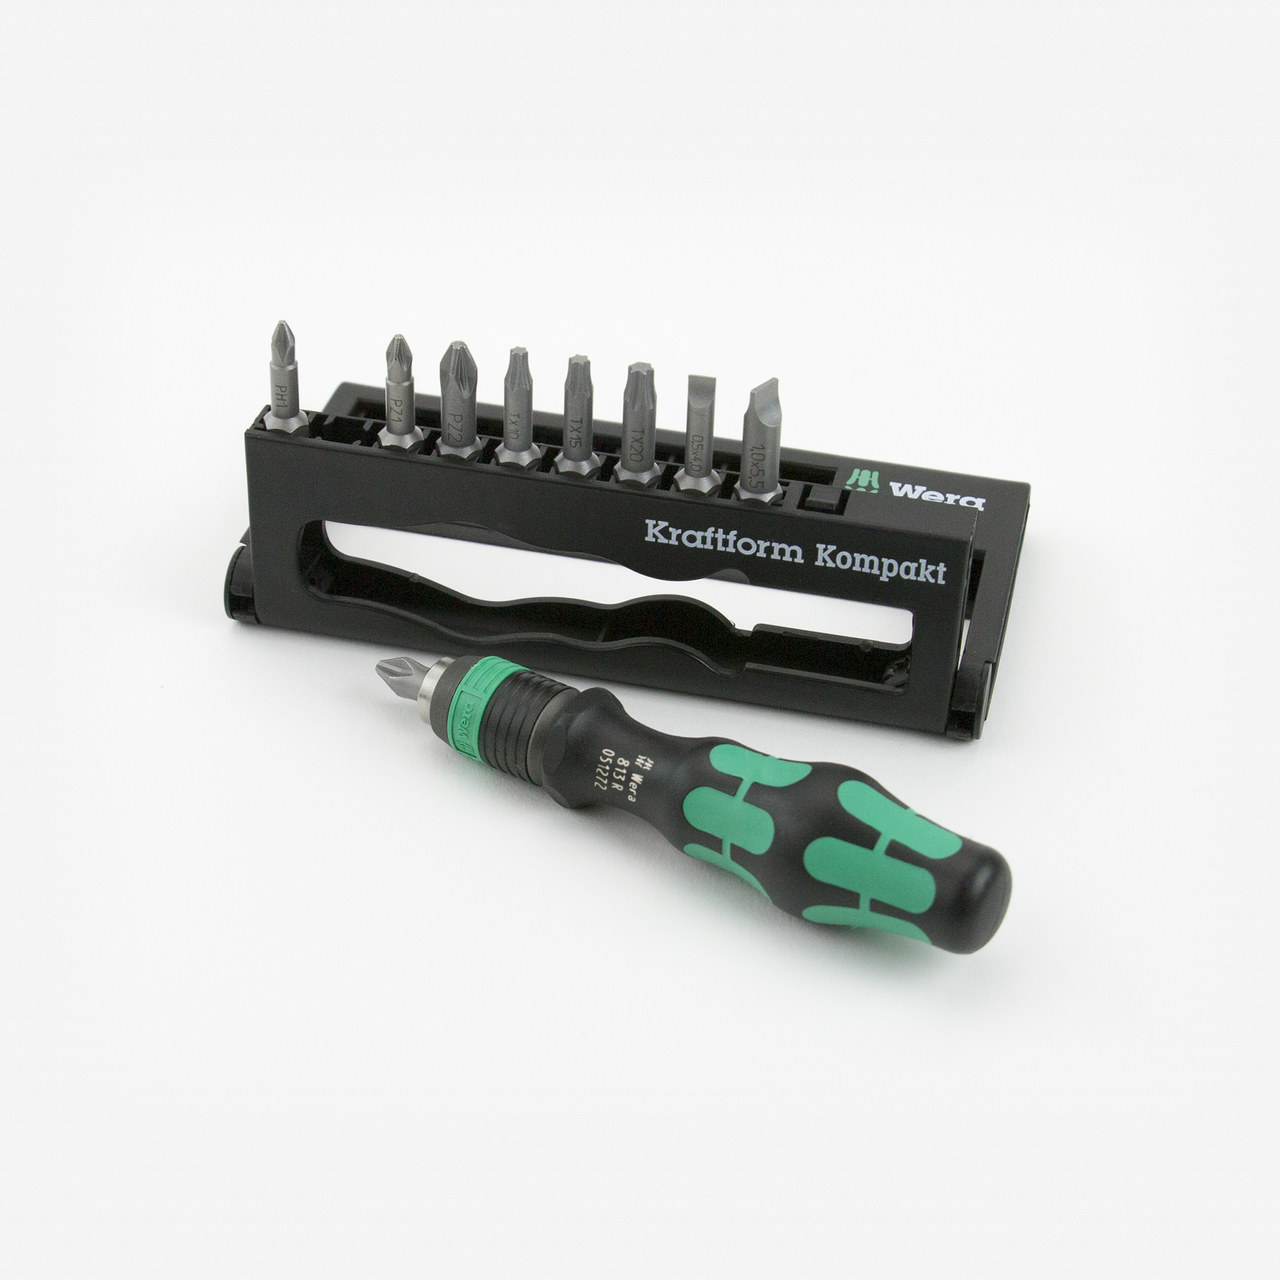 Wera 056653 Kraftform Kompakt 10 Set - KC Tool